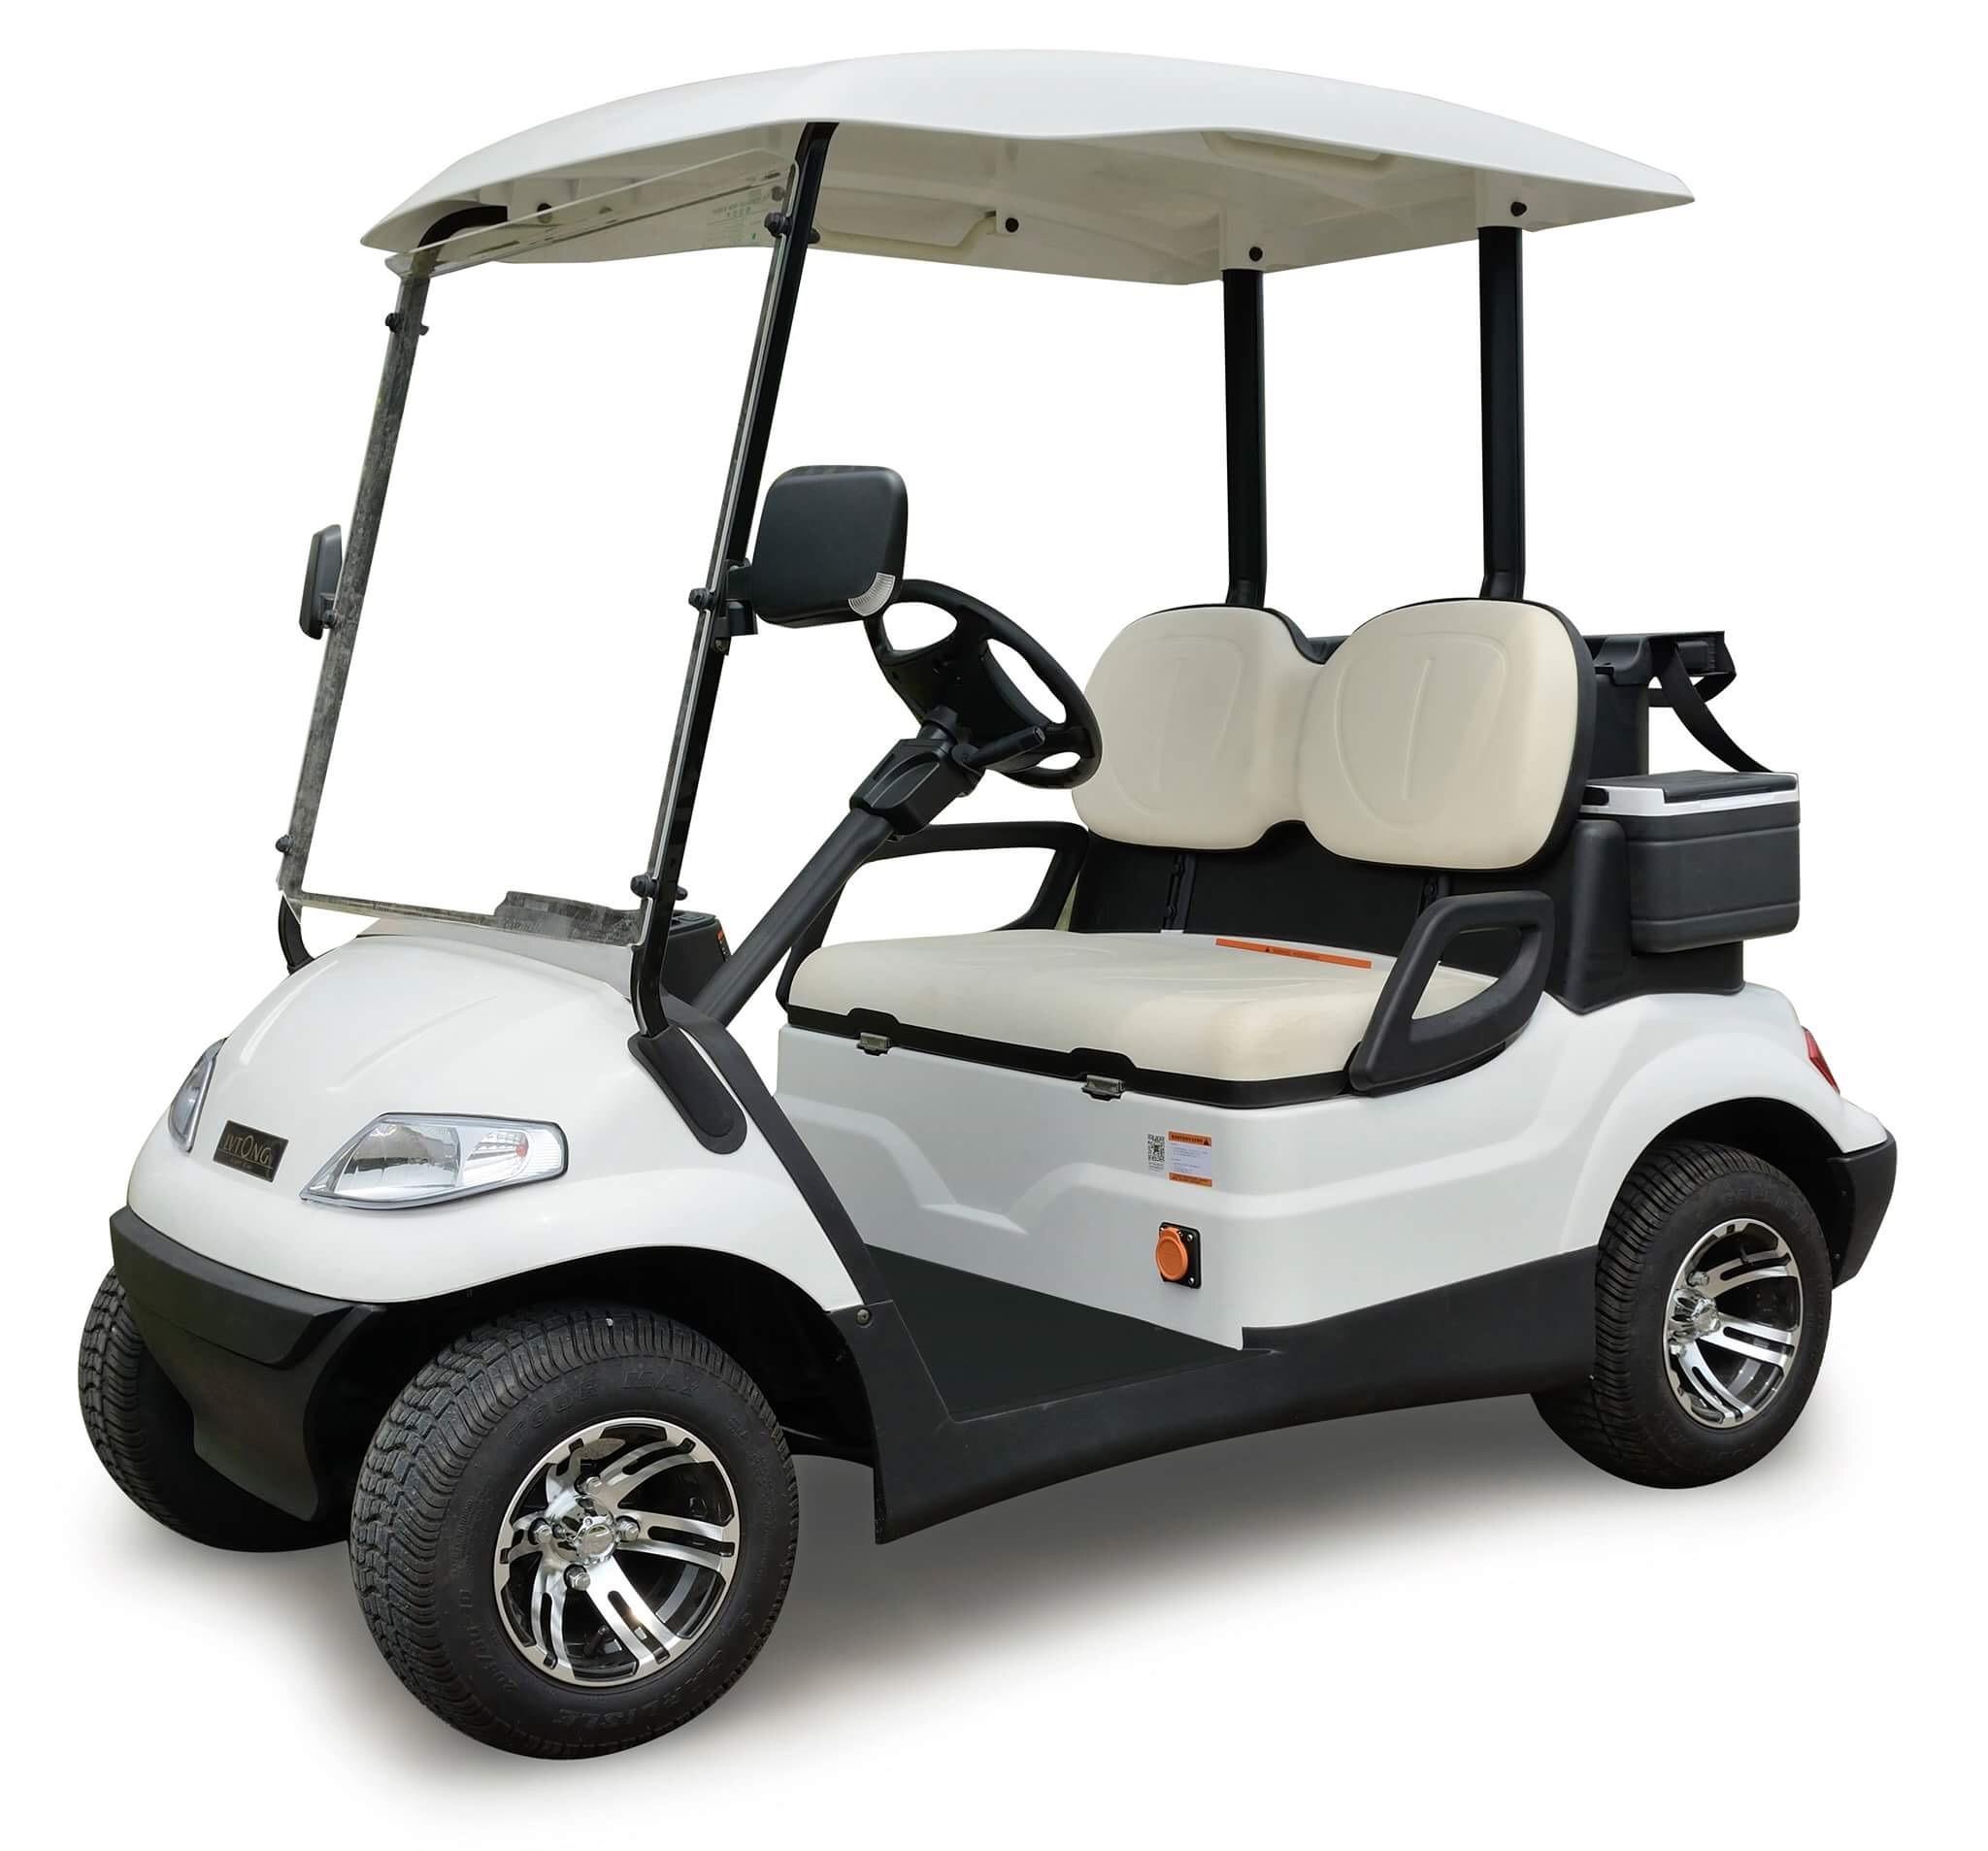 2 person golf cart